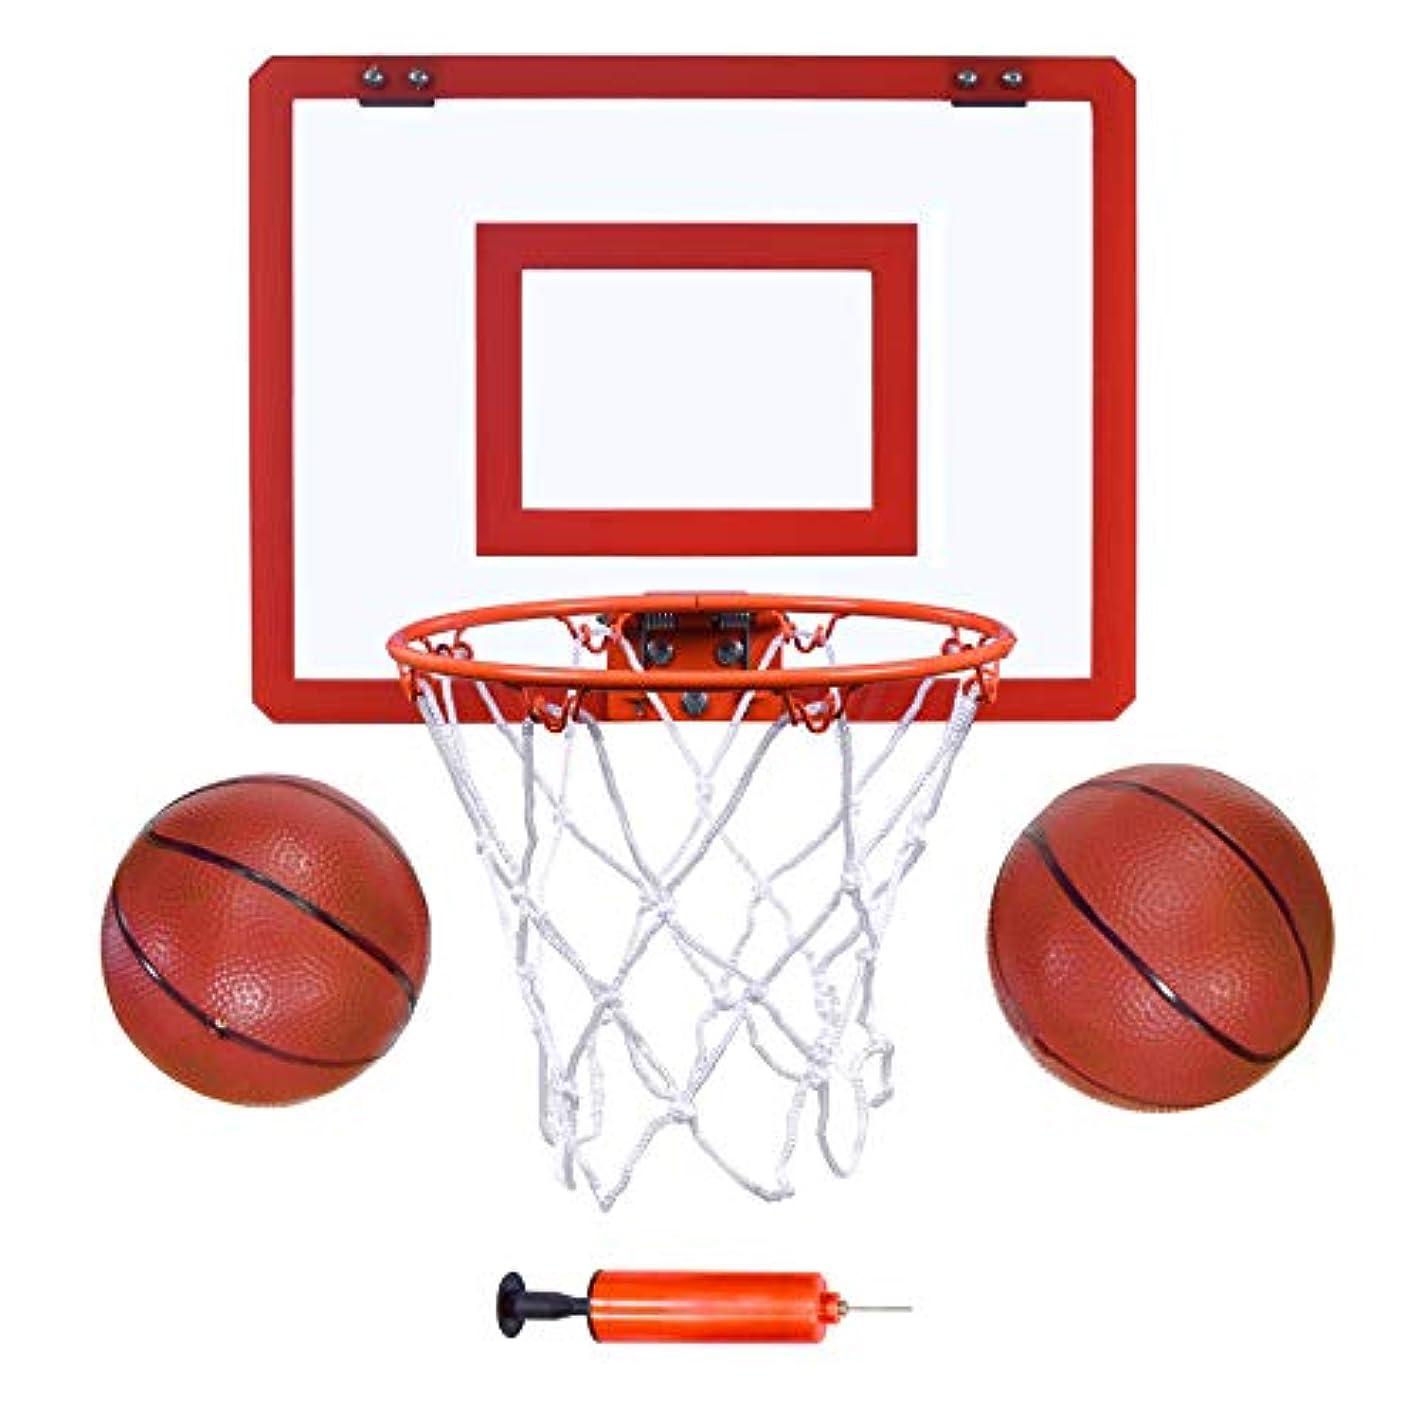 Indoor Mini Basketball Hoop and Balls 16